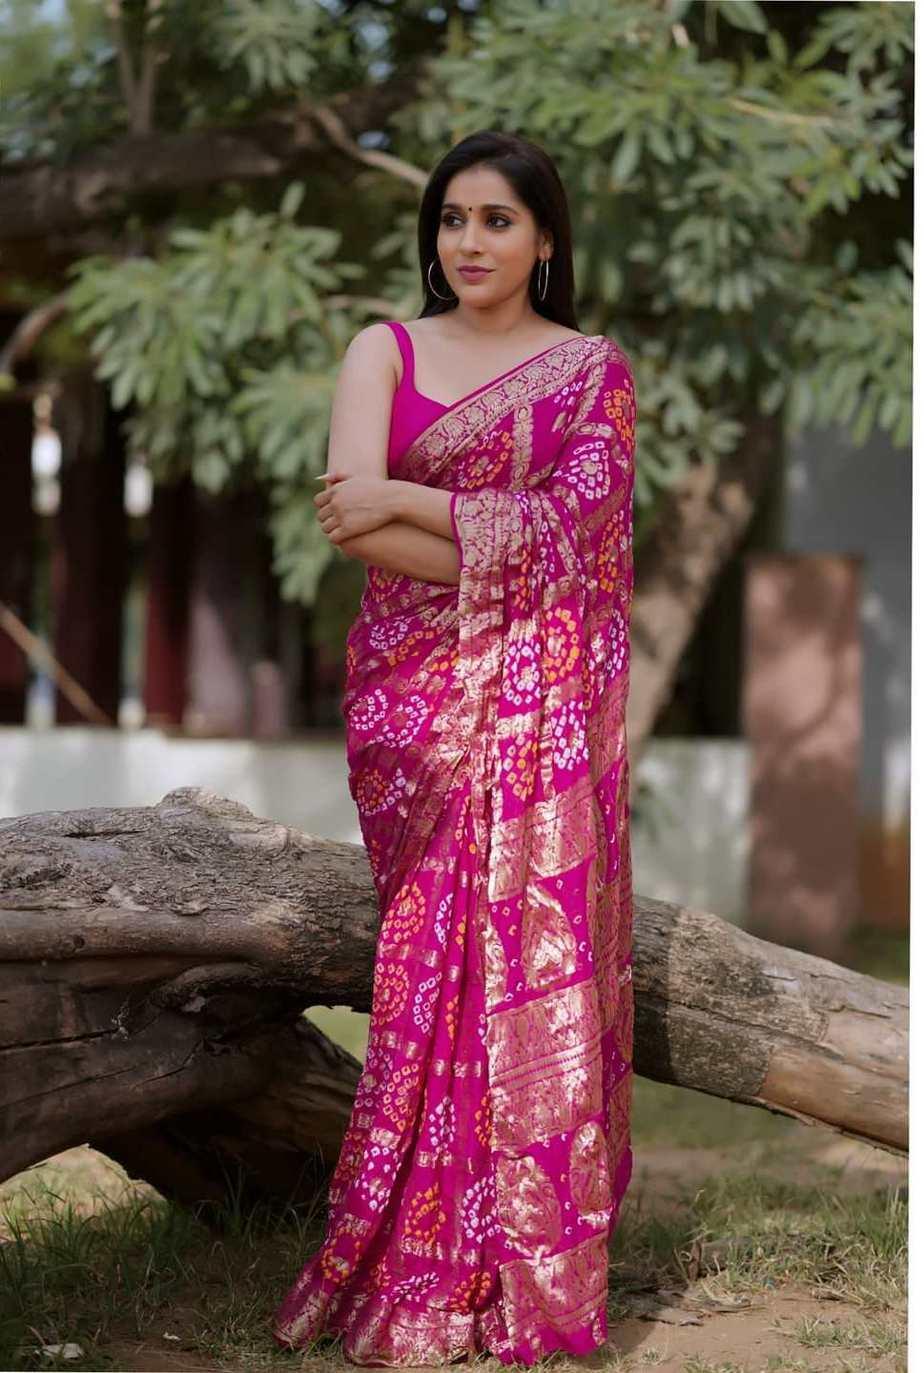 Rashmi gautam in a pink bandhej saree by anvitha-2